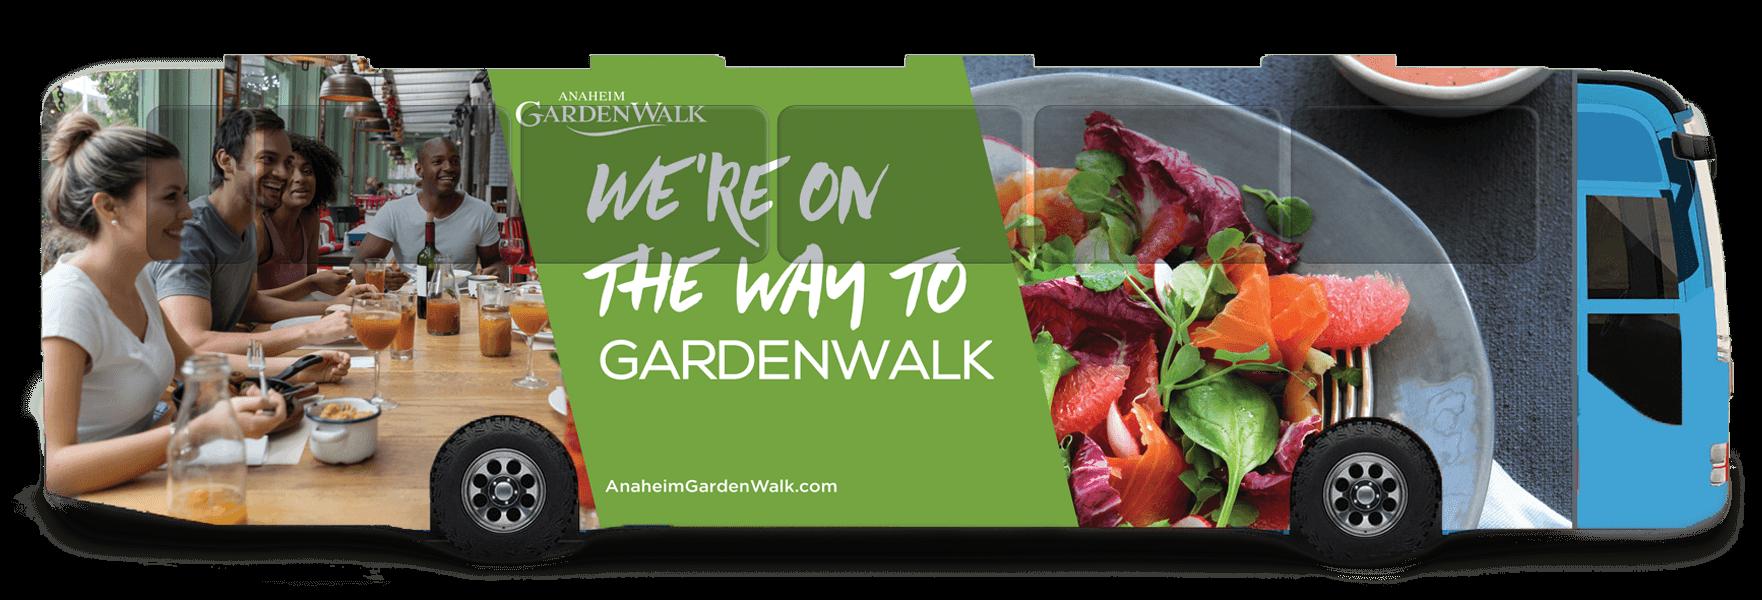 GardenWalk_Bus_Wrap.png